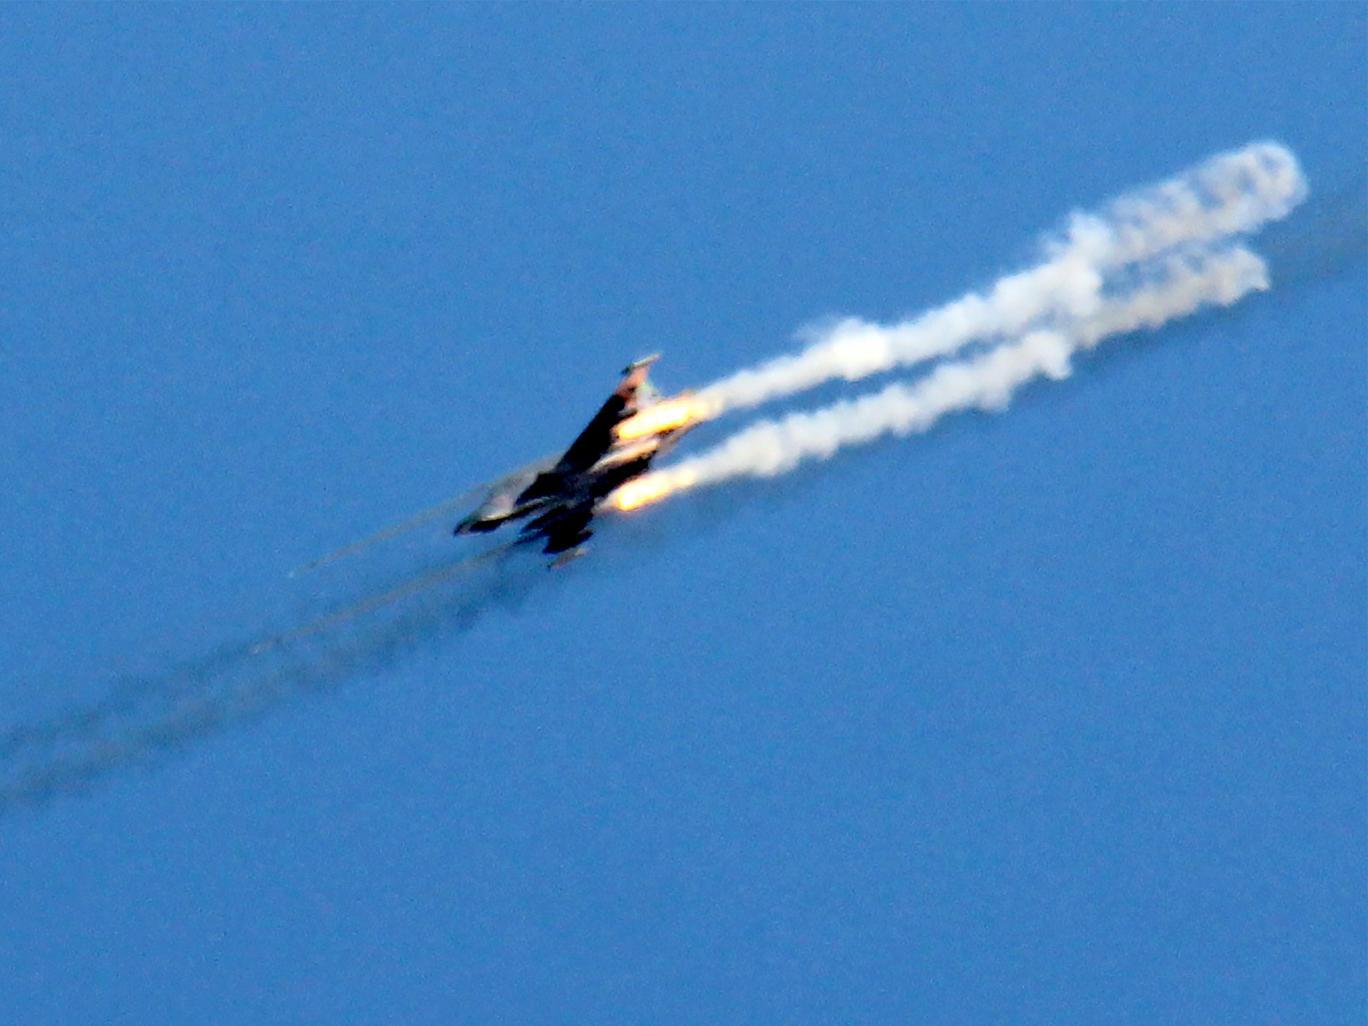 რუსეთი აშშ-ს სირიაში სამხედრო თვითმფრინავების ჩამოგდებით ემუქრება